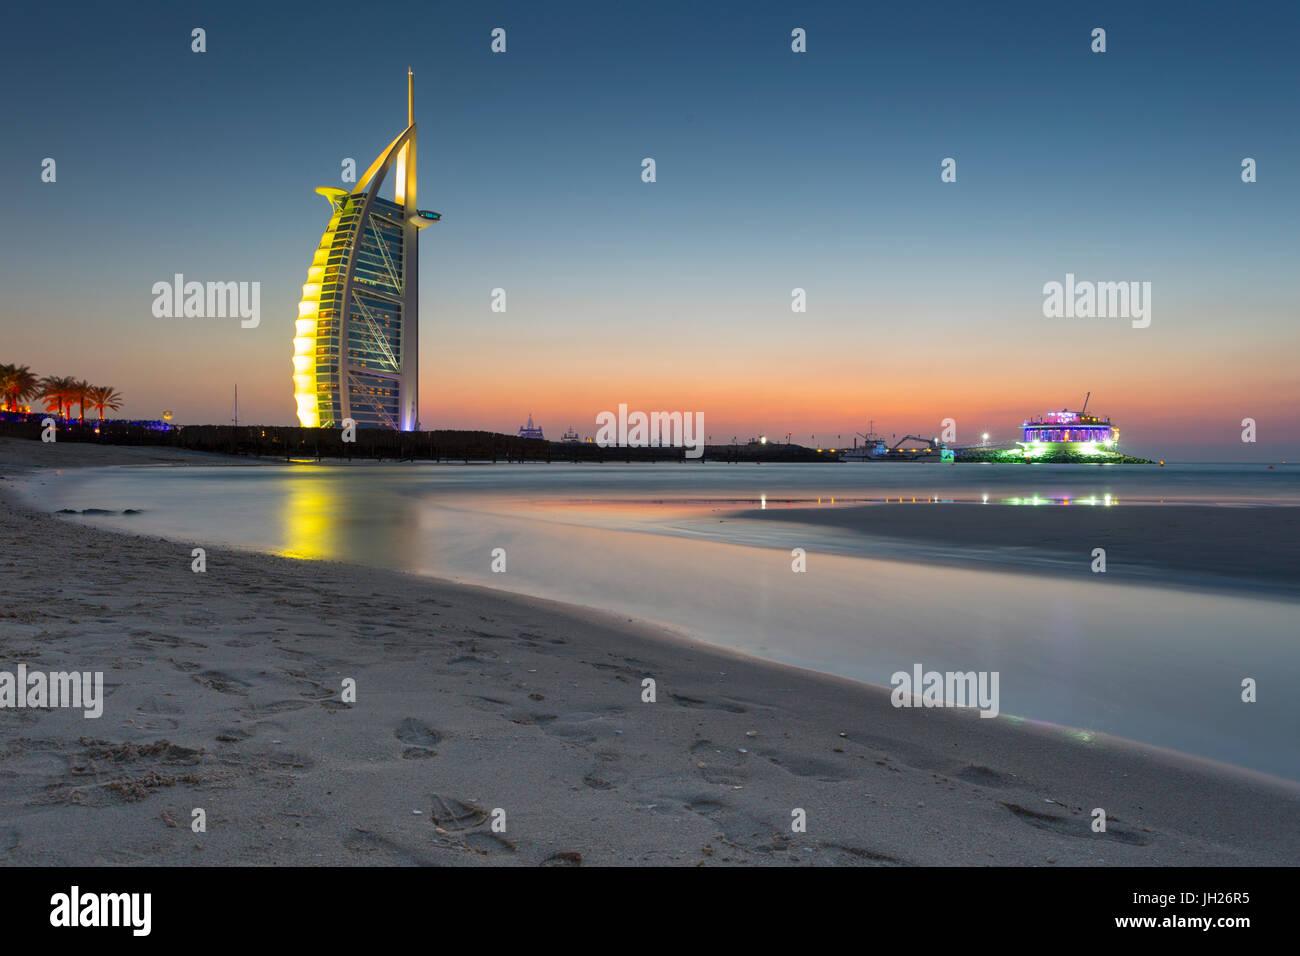 Burj Al Arab Hotel nach Sonnenuntergang am Strand von Jumeirah, Dubai, Vereinigte Arabische Emirate, Naher Osten Stockbild